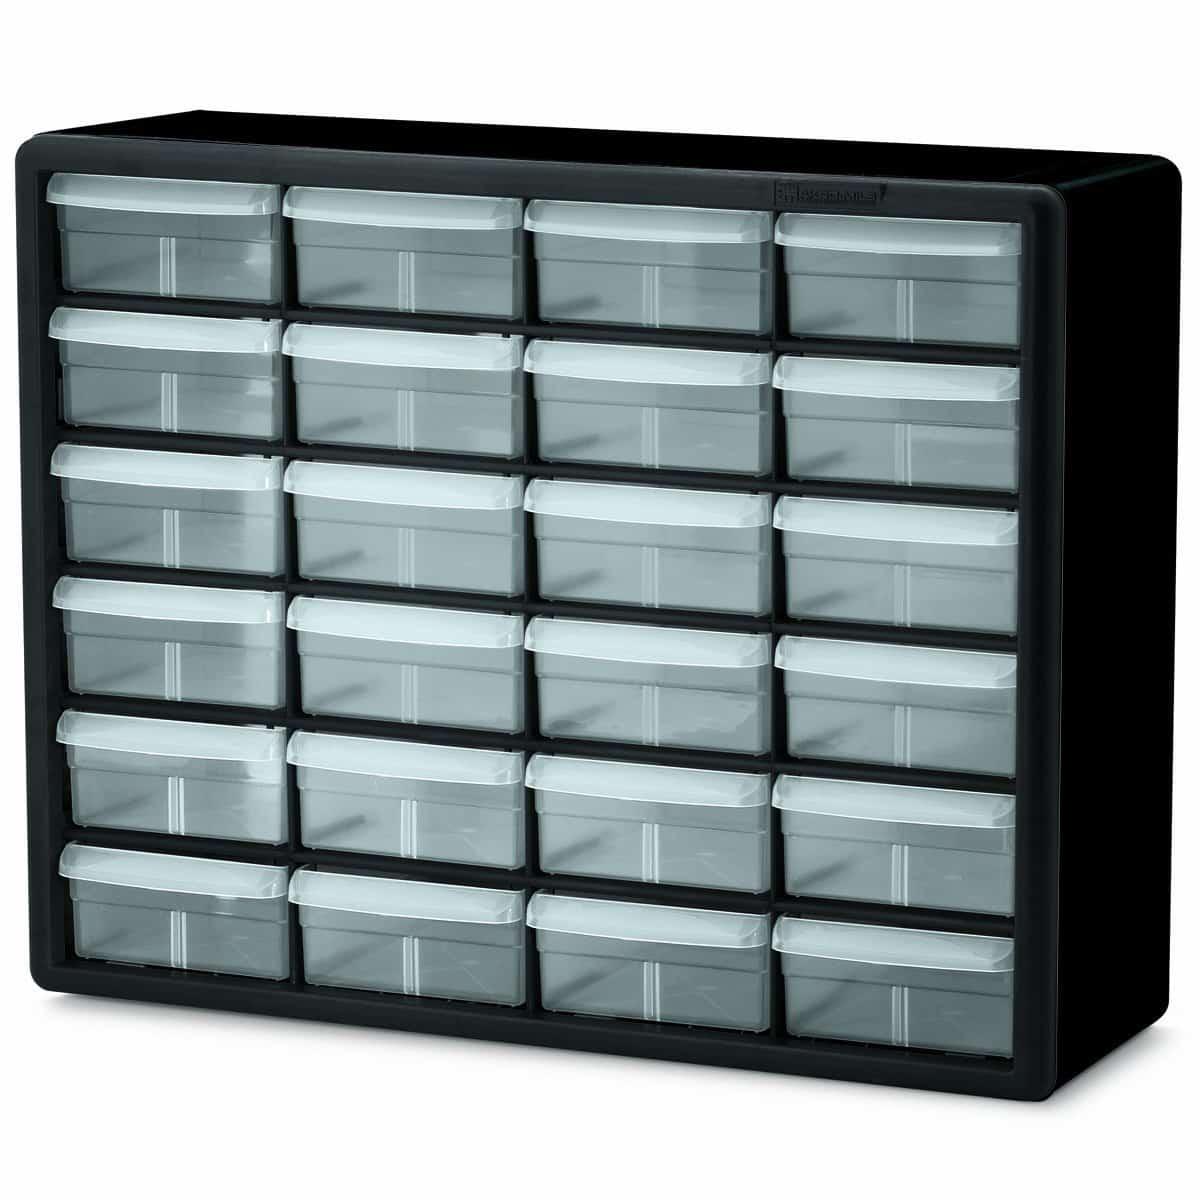 Elegant Craft Storage Containers Nz